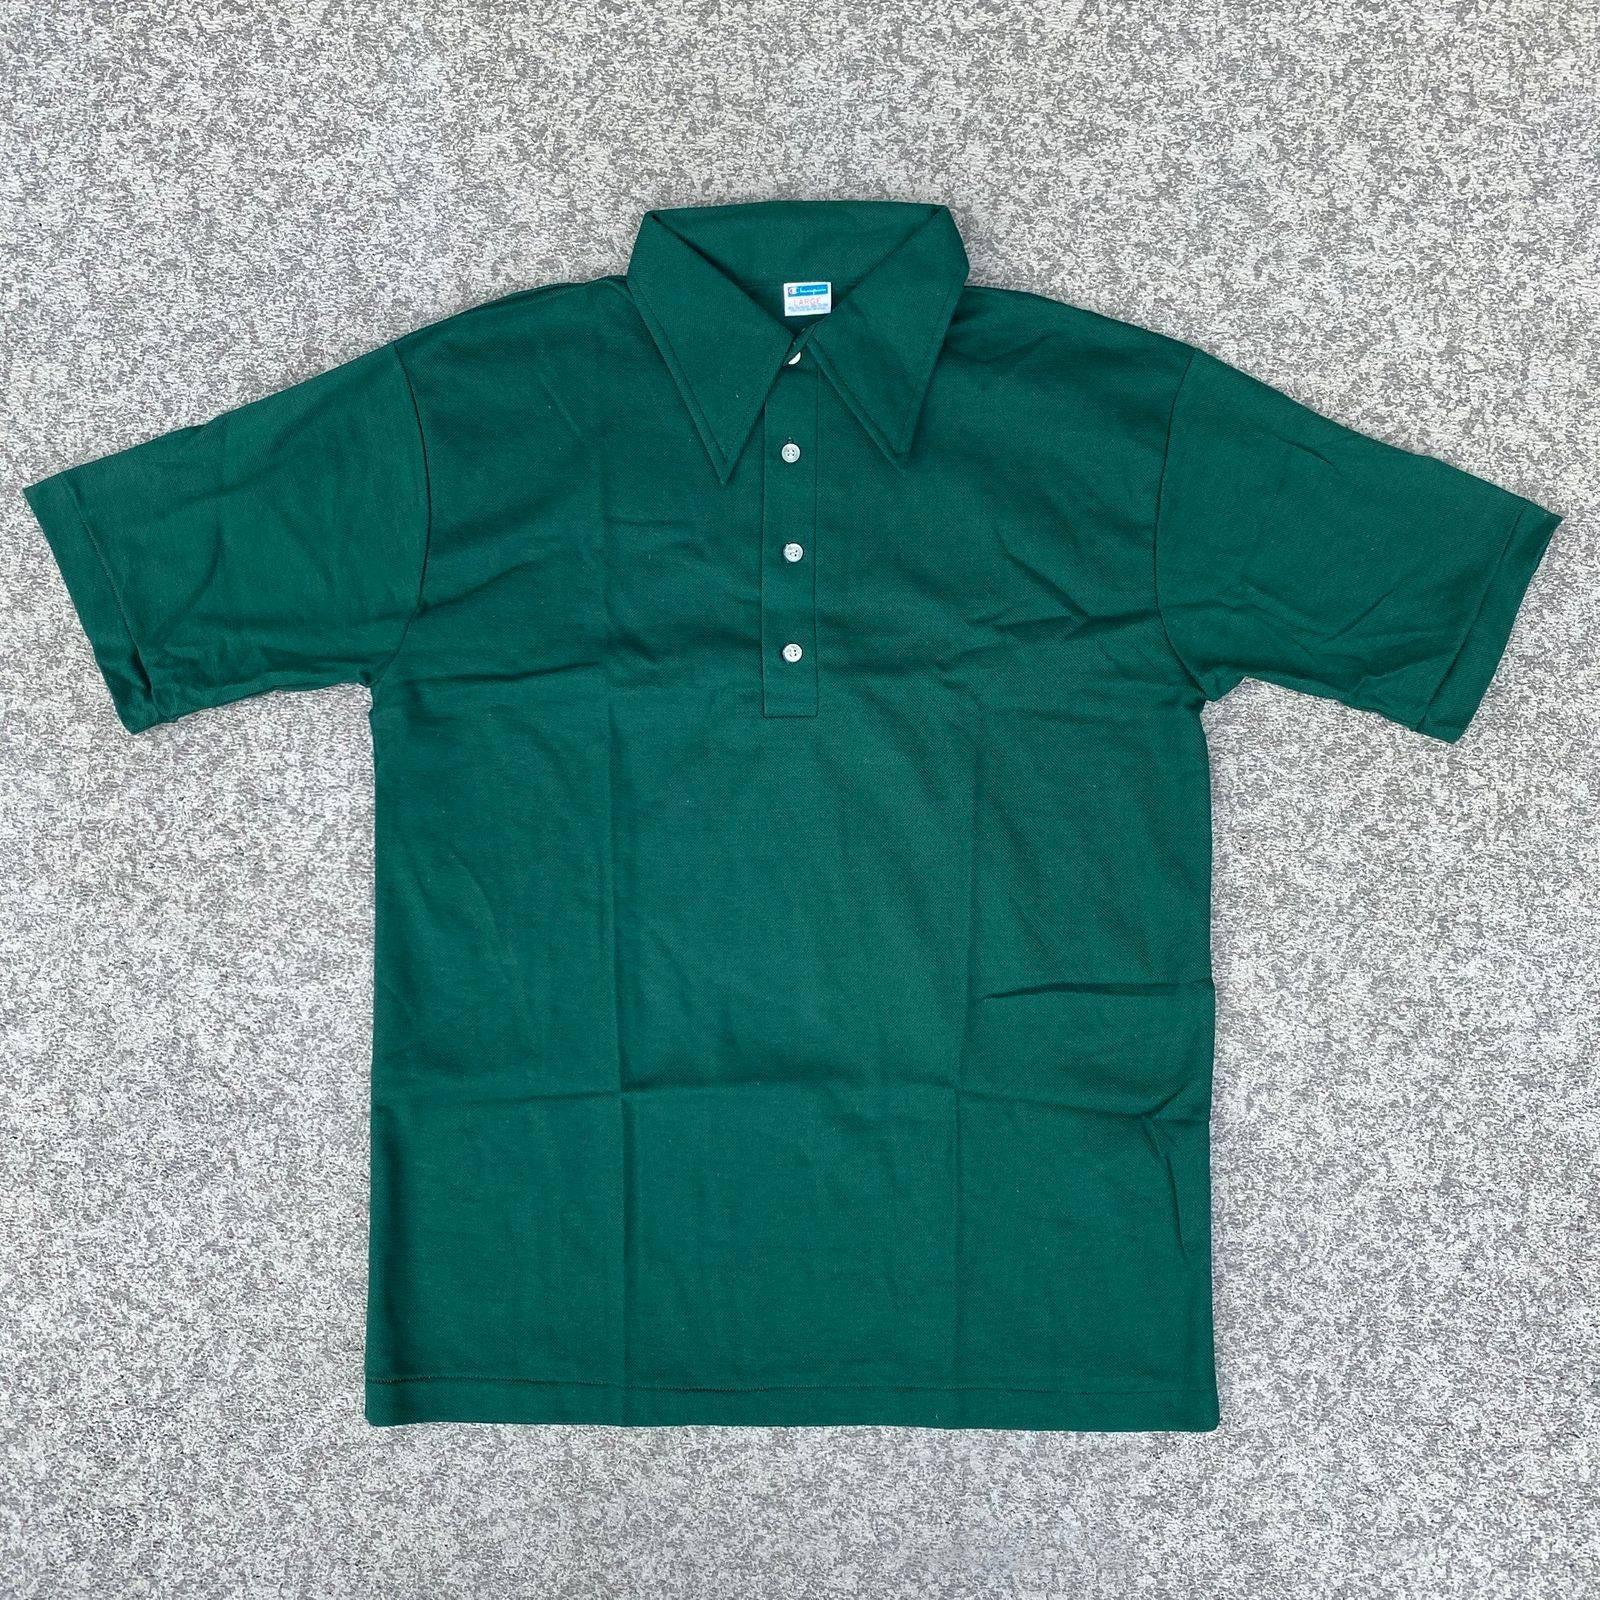 Champion 1970's Collegiate Polo Shirt